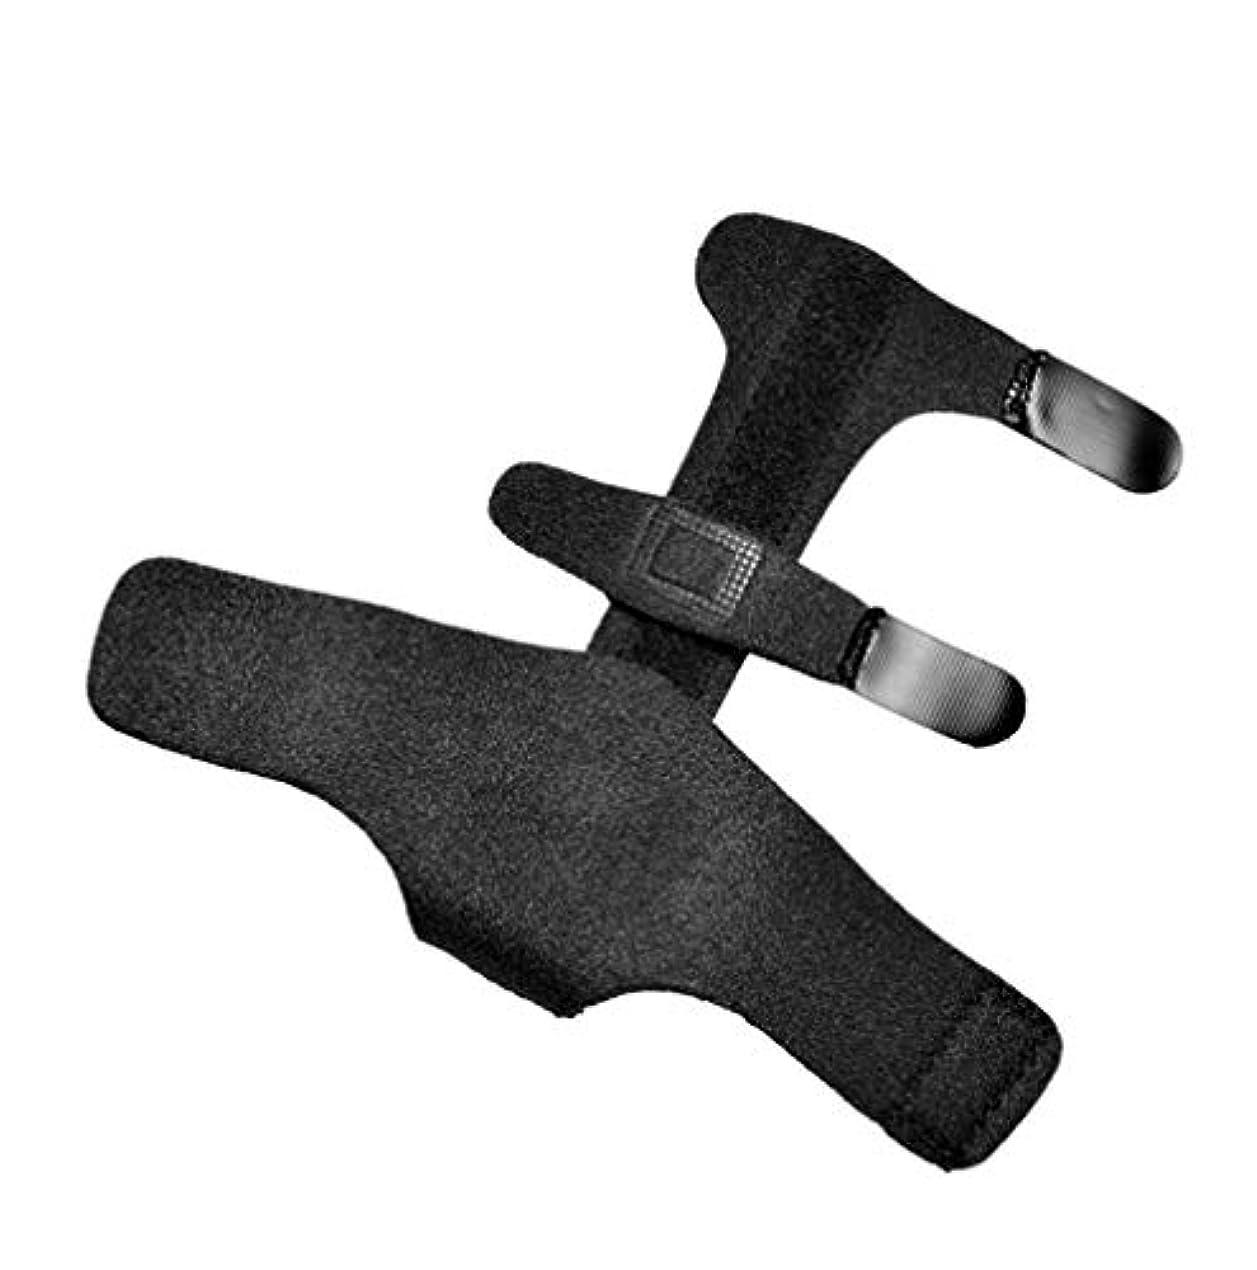 コロニアル忠実な提唱する親指スプリント、スプリント固定フィンガージョイント捻挫とホームの指固定して指骨折固定、ワンサイズ